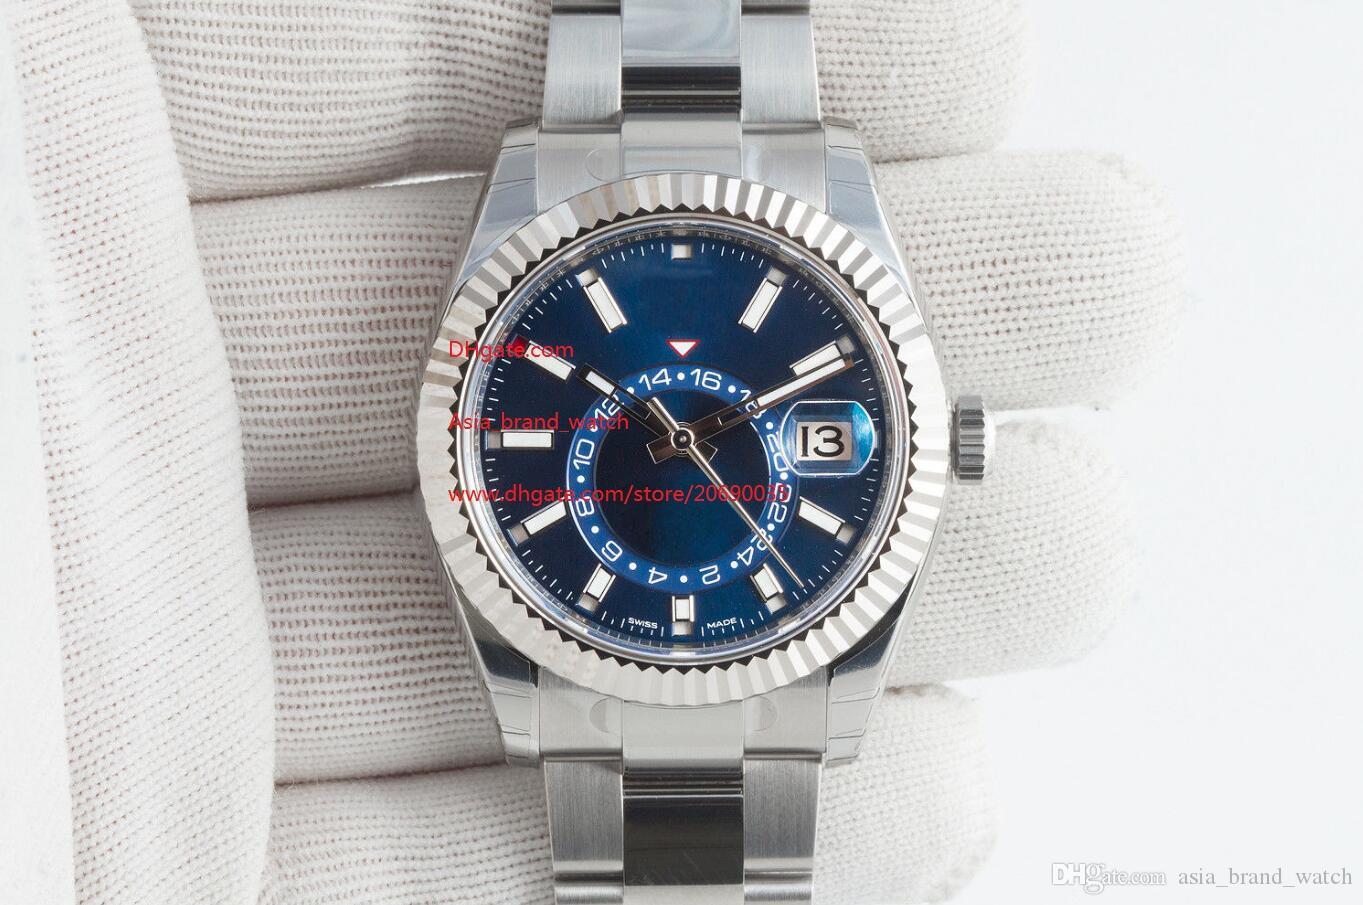 Ücretsiz Kargo Lüks Yüksek Kalite İzle 42mm 326934 M326934-0003 Mavi GMT Workin Paslanmaz Çelik Otomatik Erkek İzle Saatler